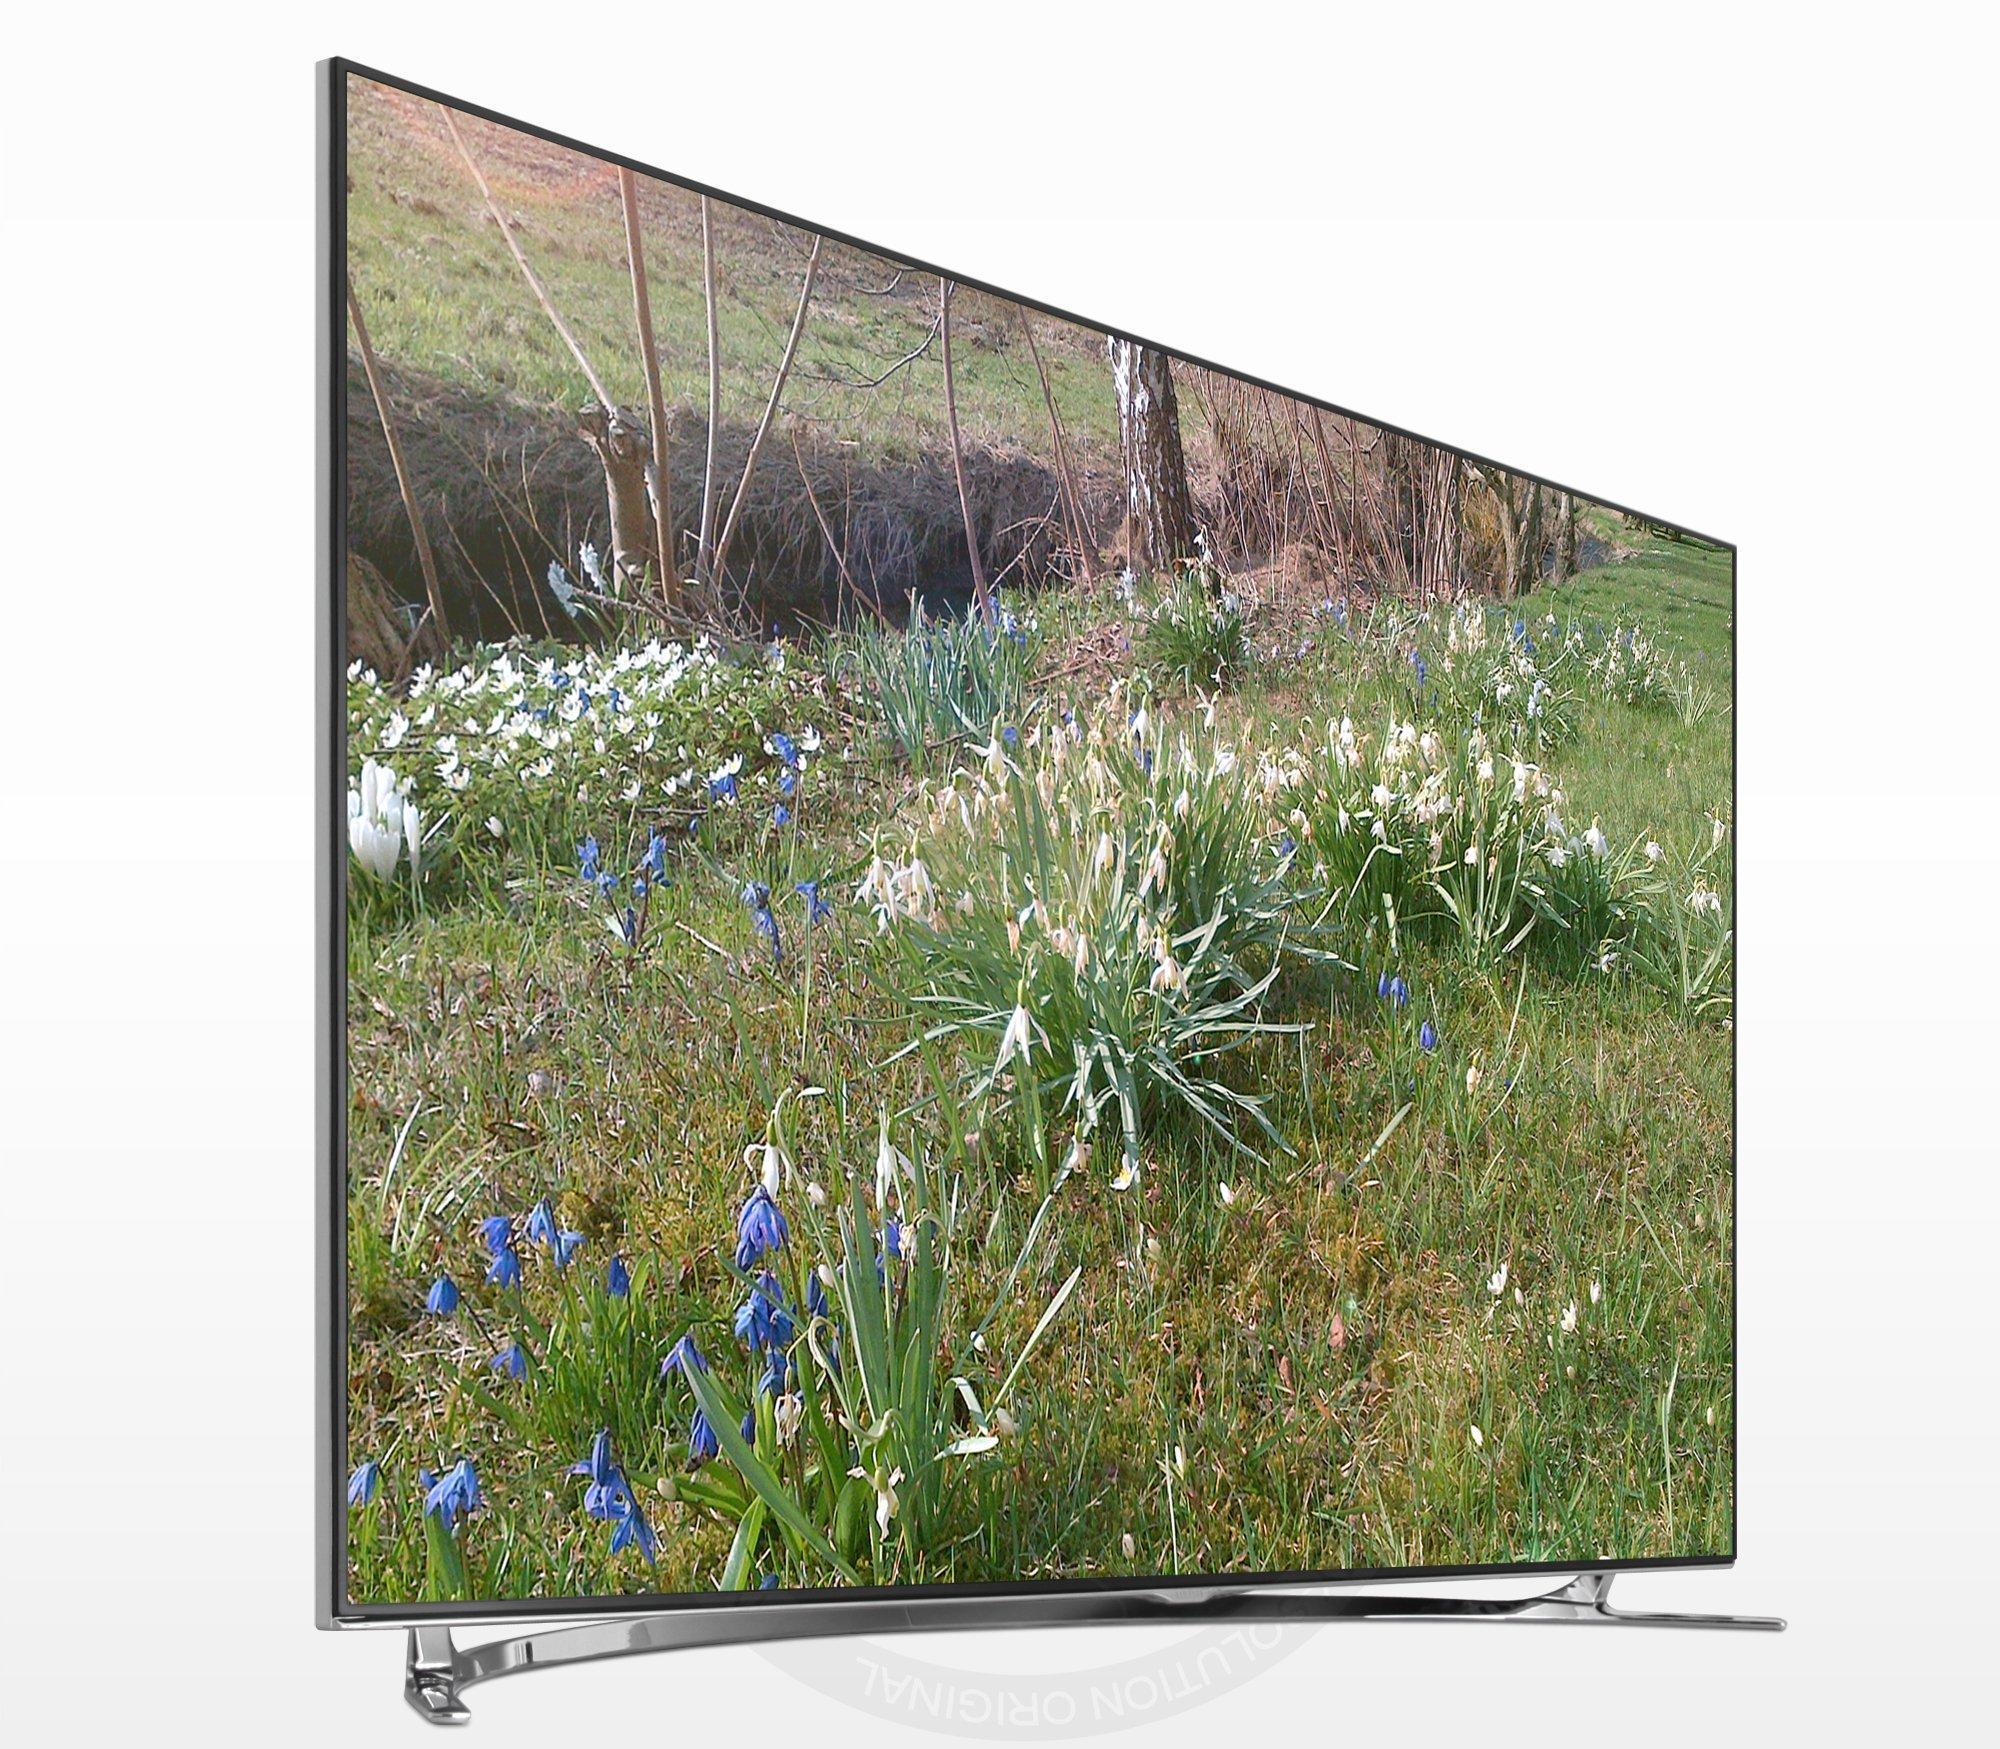 Samsung UE75F8000 - Televisor LED de 75